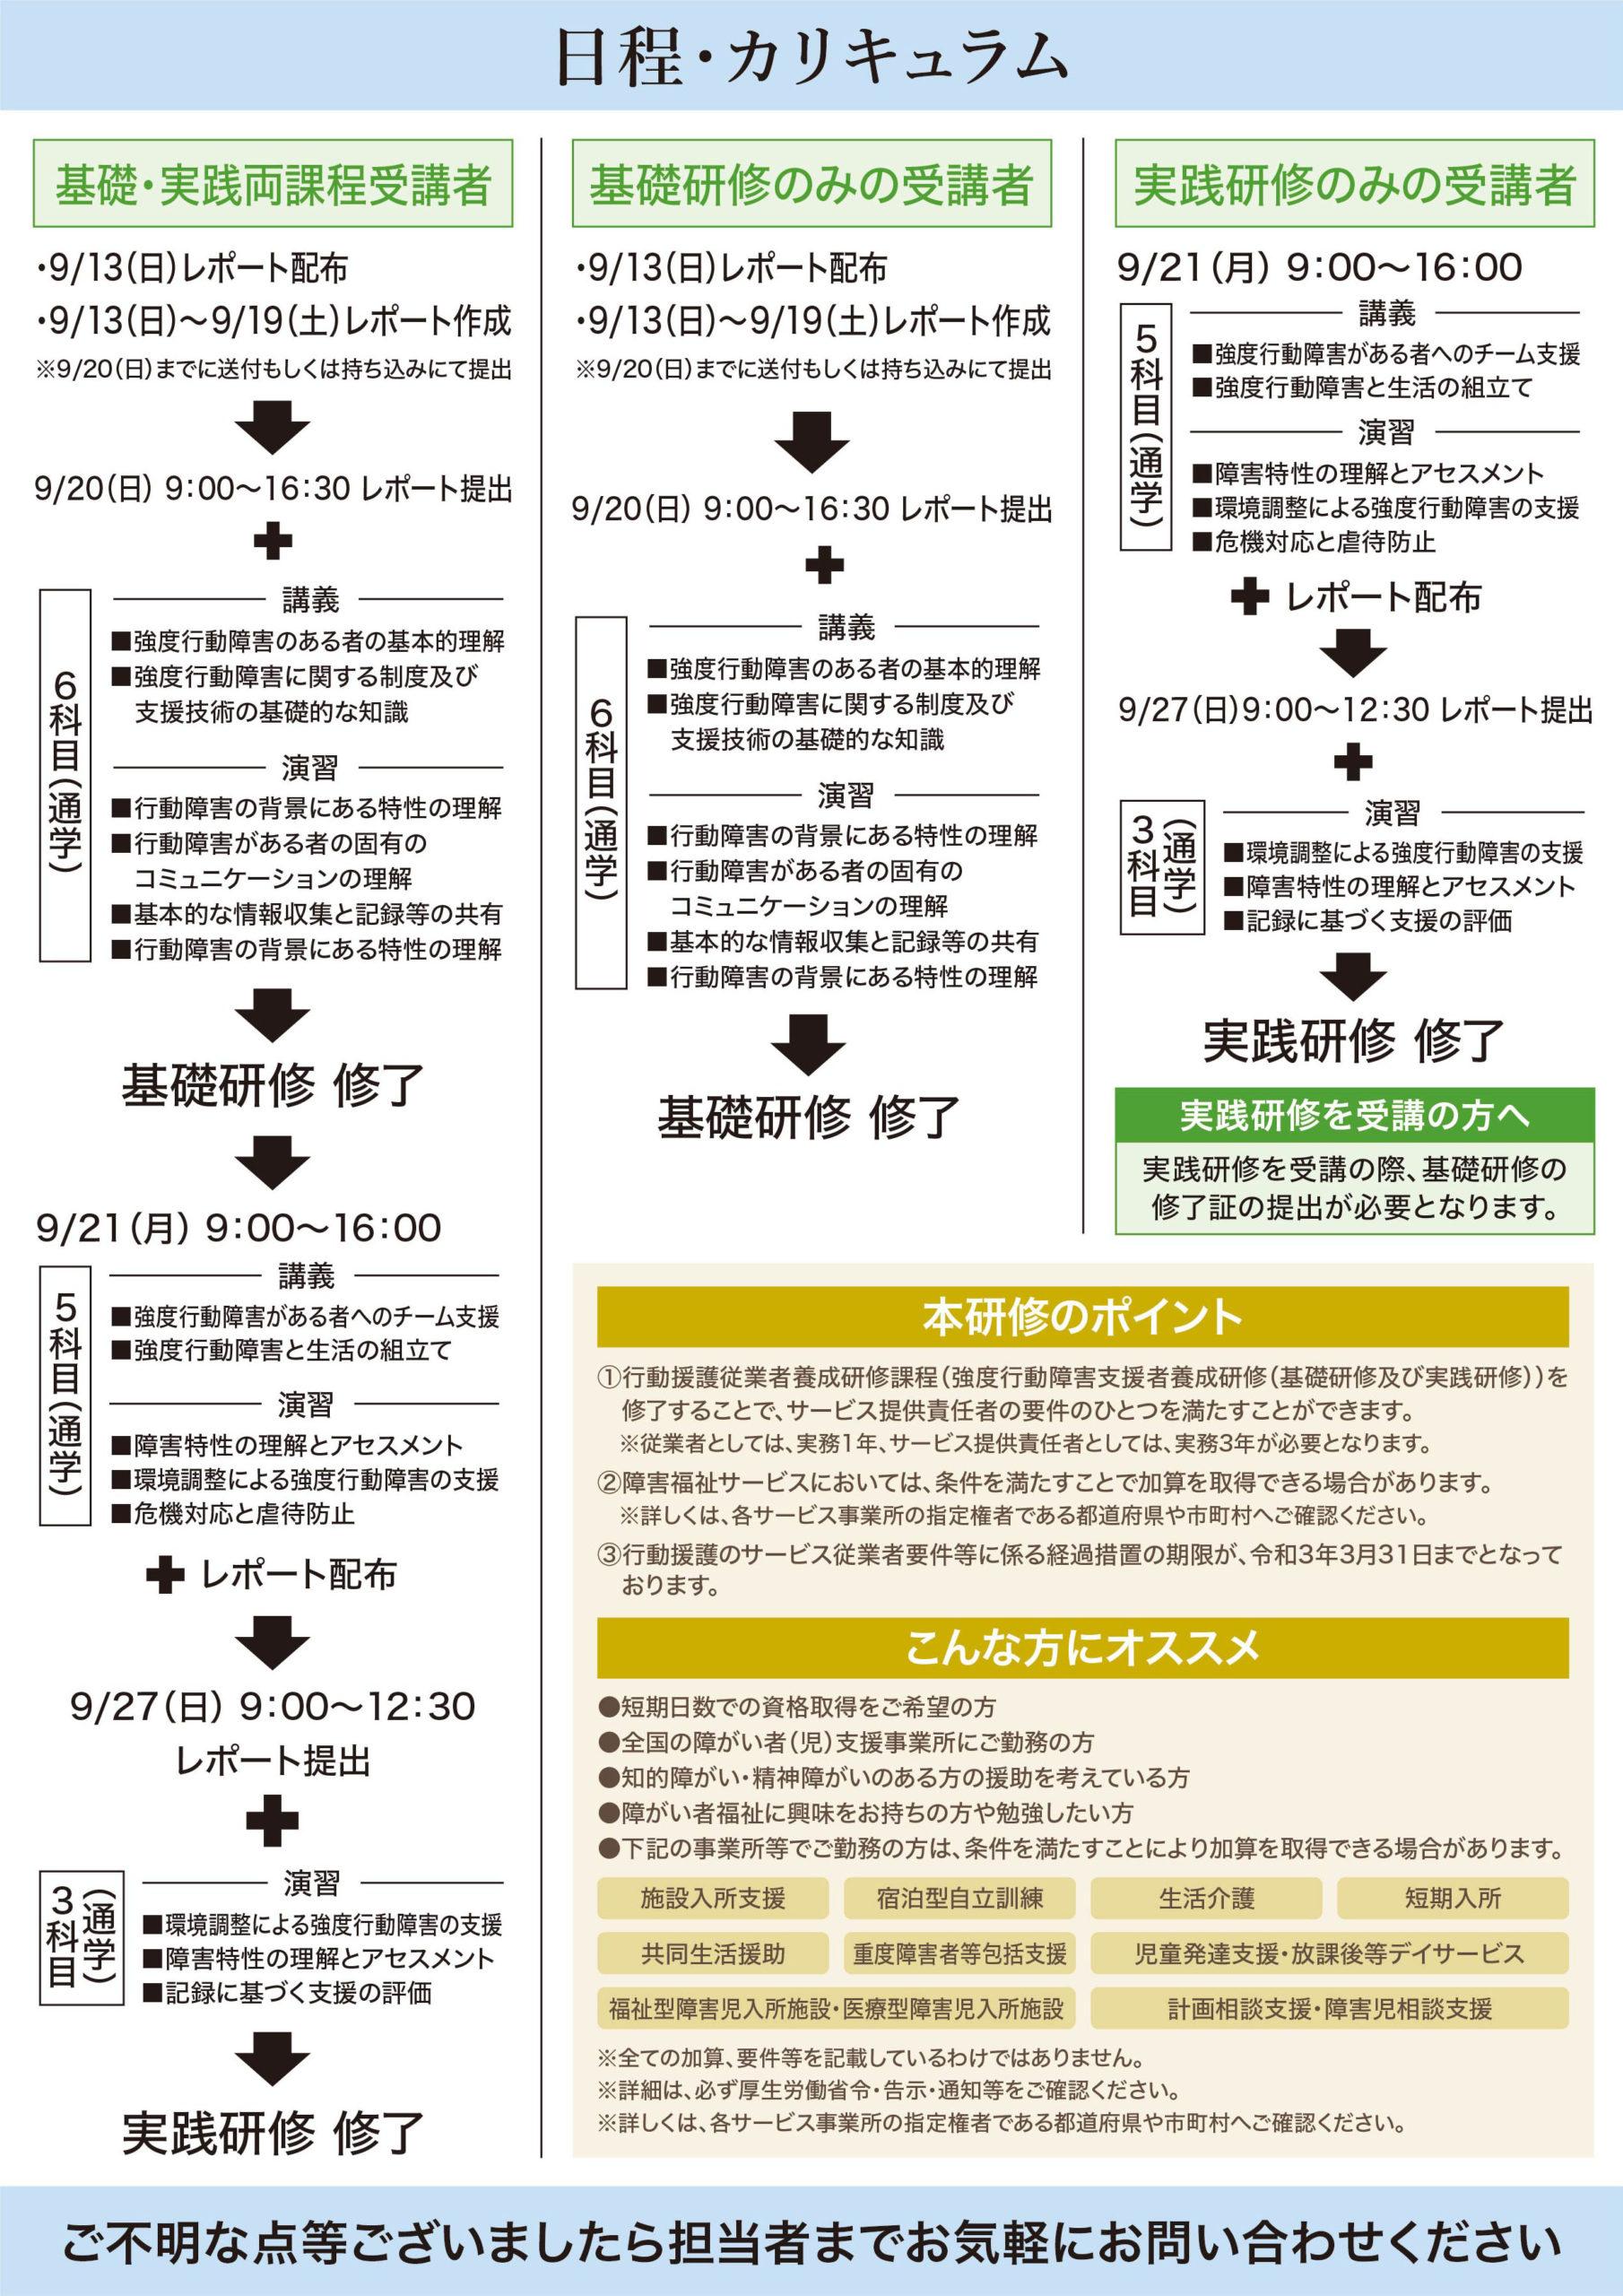 強度研修チラシ(2020-09)新-裏